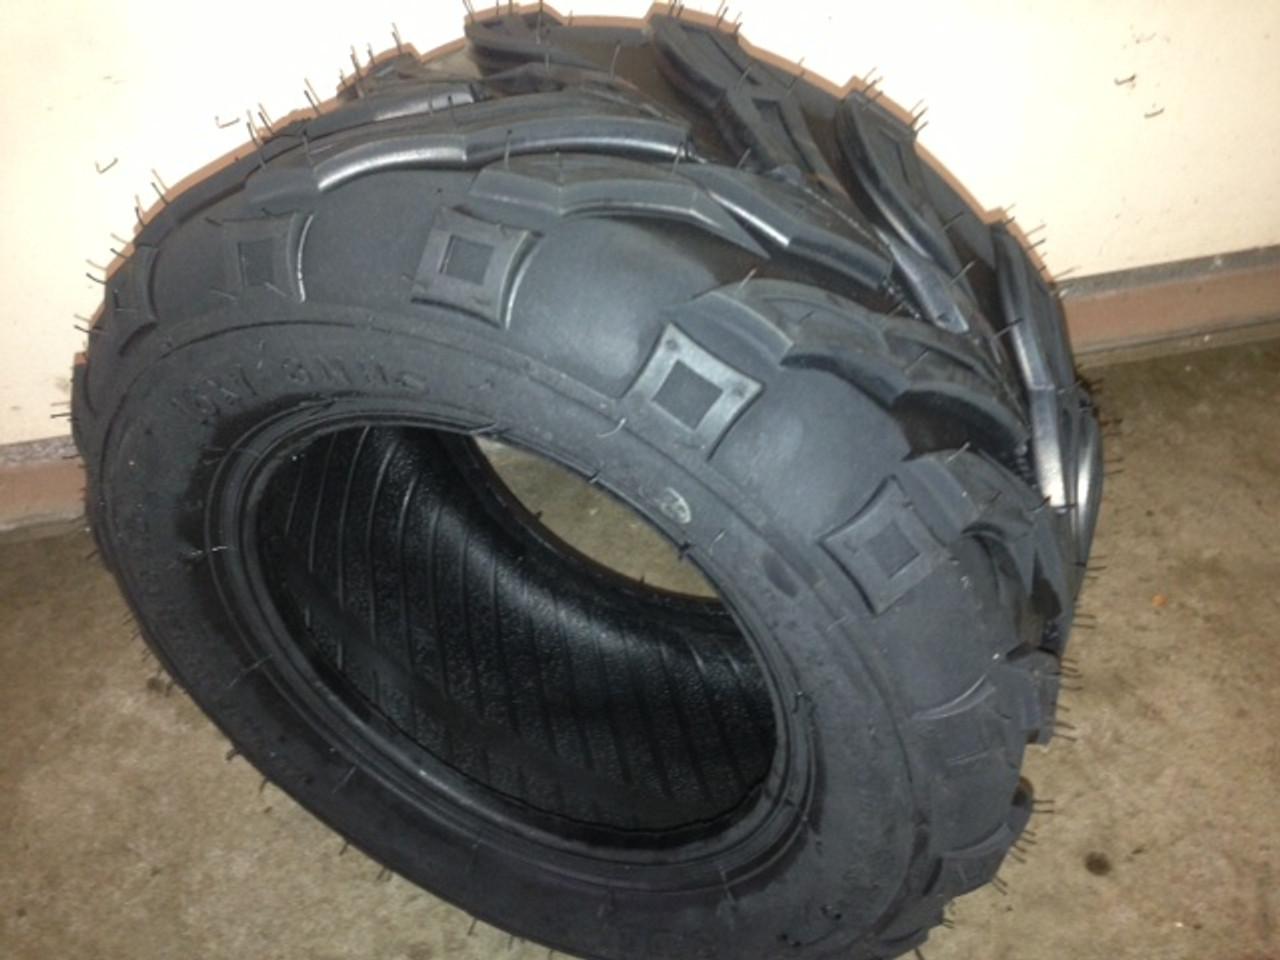 Tire 16x7-8 REAR XRX MID,HAMMERHEAD 80T